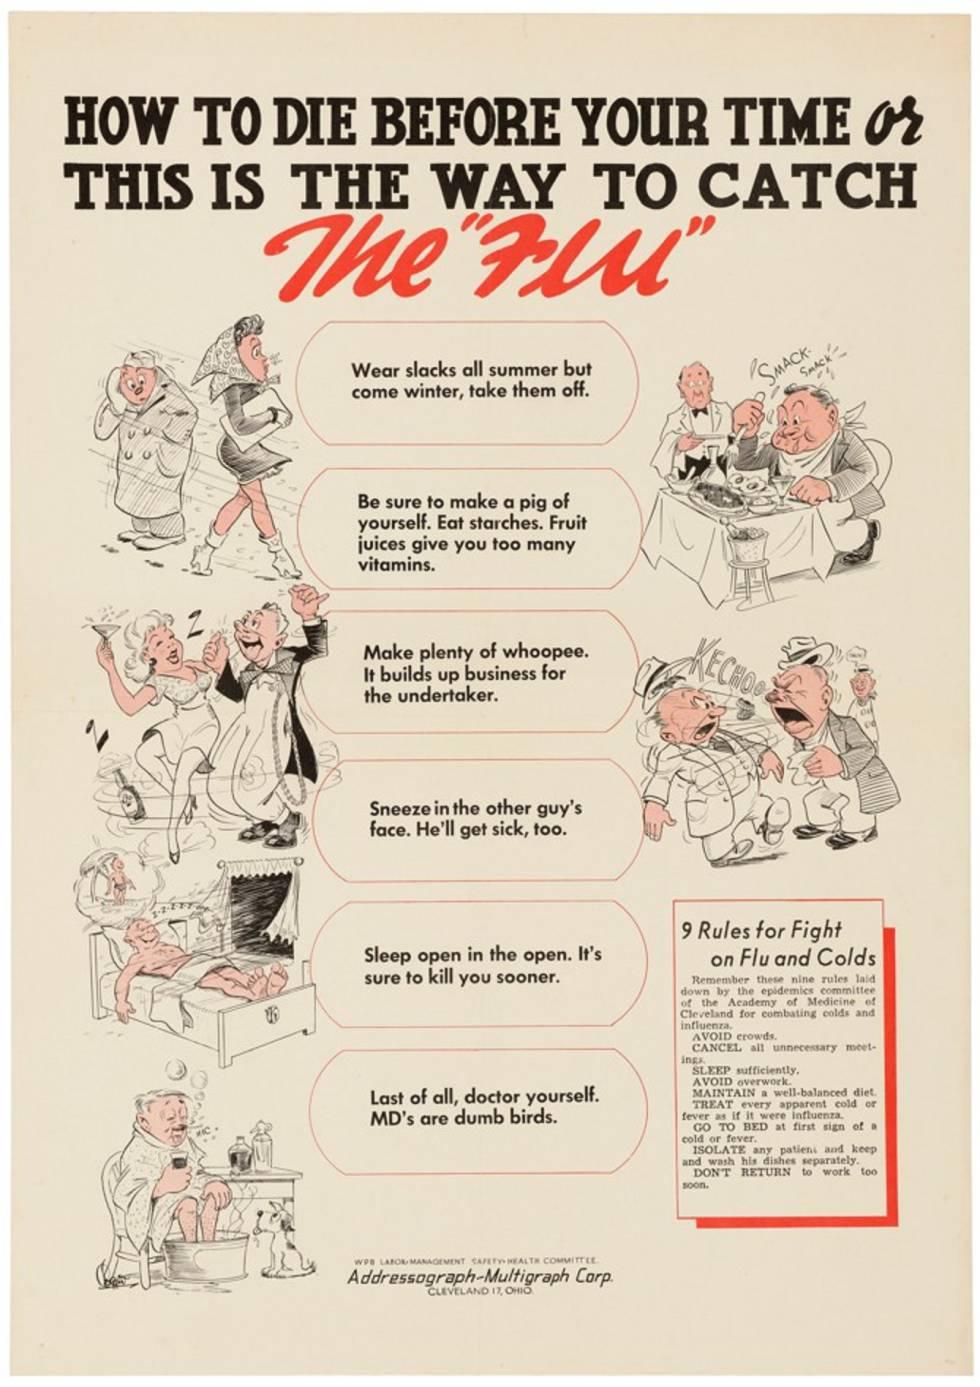 Cartelería pandémica: los fantasmas de las epidemias pasadas